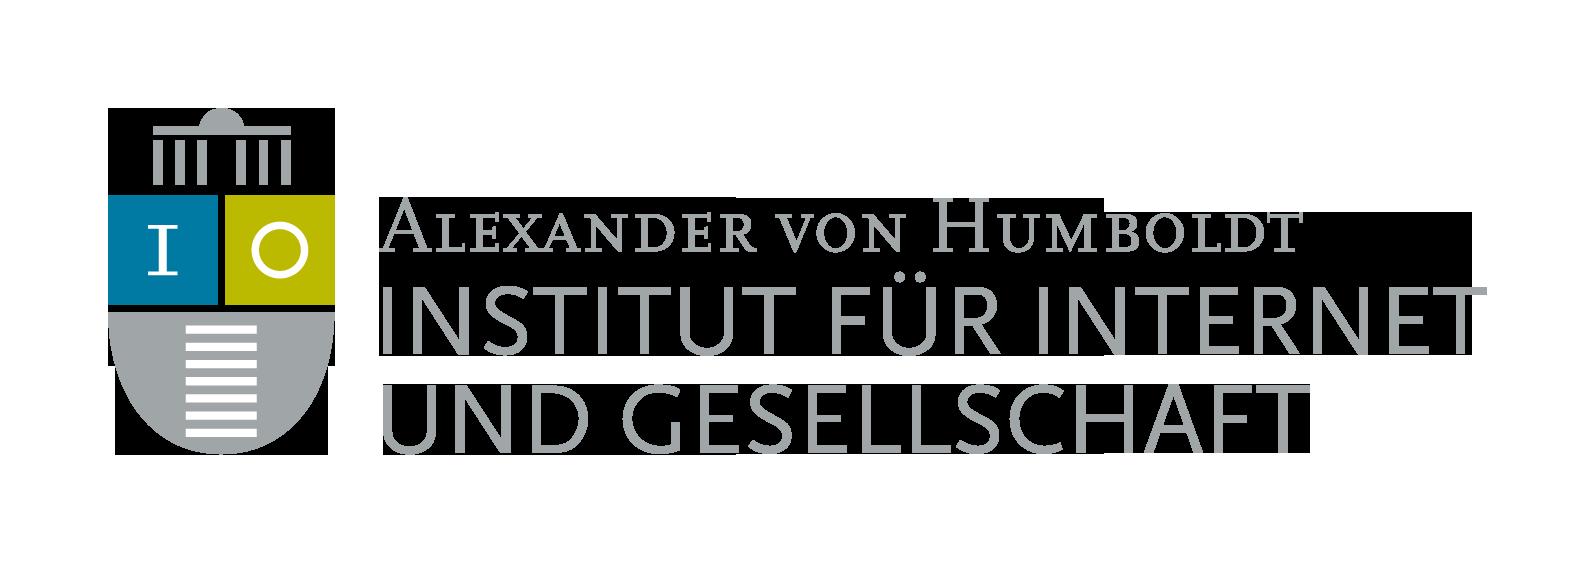 Studentischer Mitarbeiter (m/w/d) im Projekt Scholar-led Plus - Alexander von Humboldt Institut für Internet und Gesellschaft gGmbH - Logo